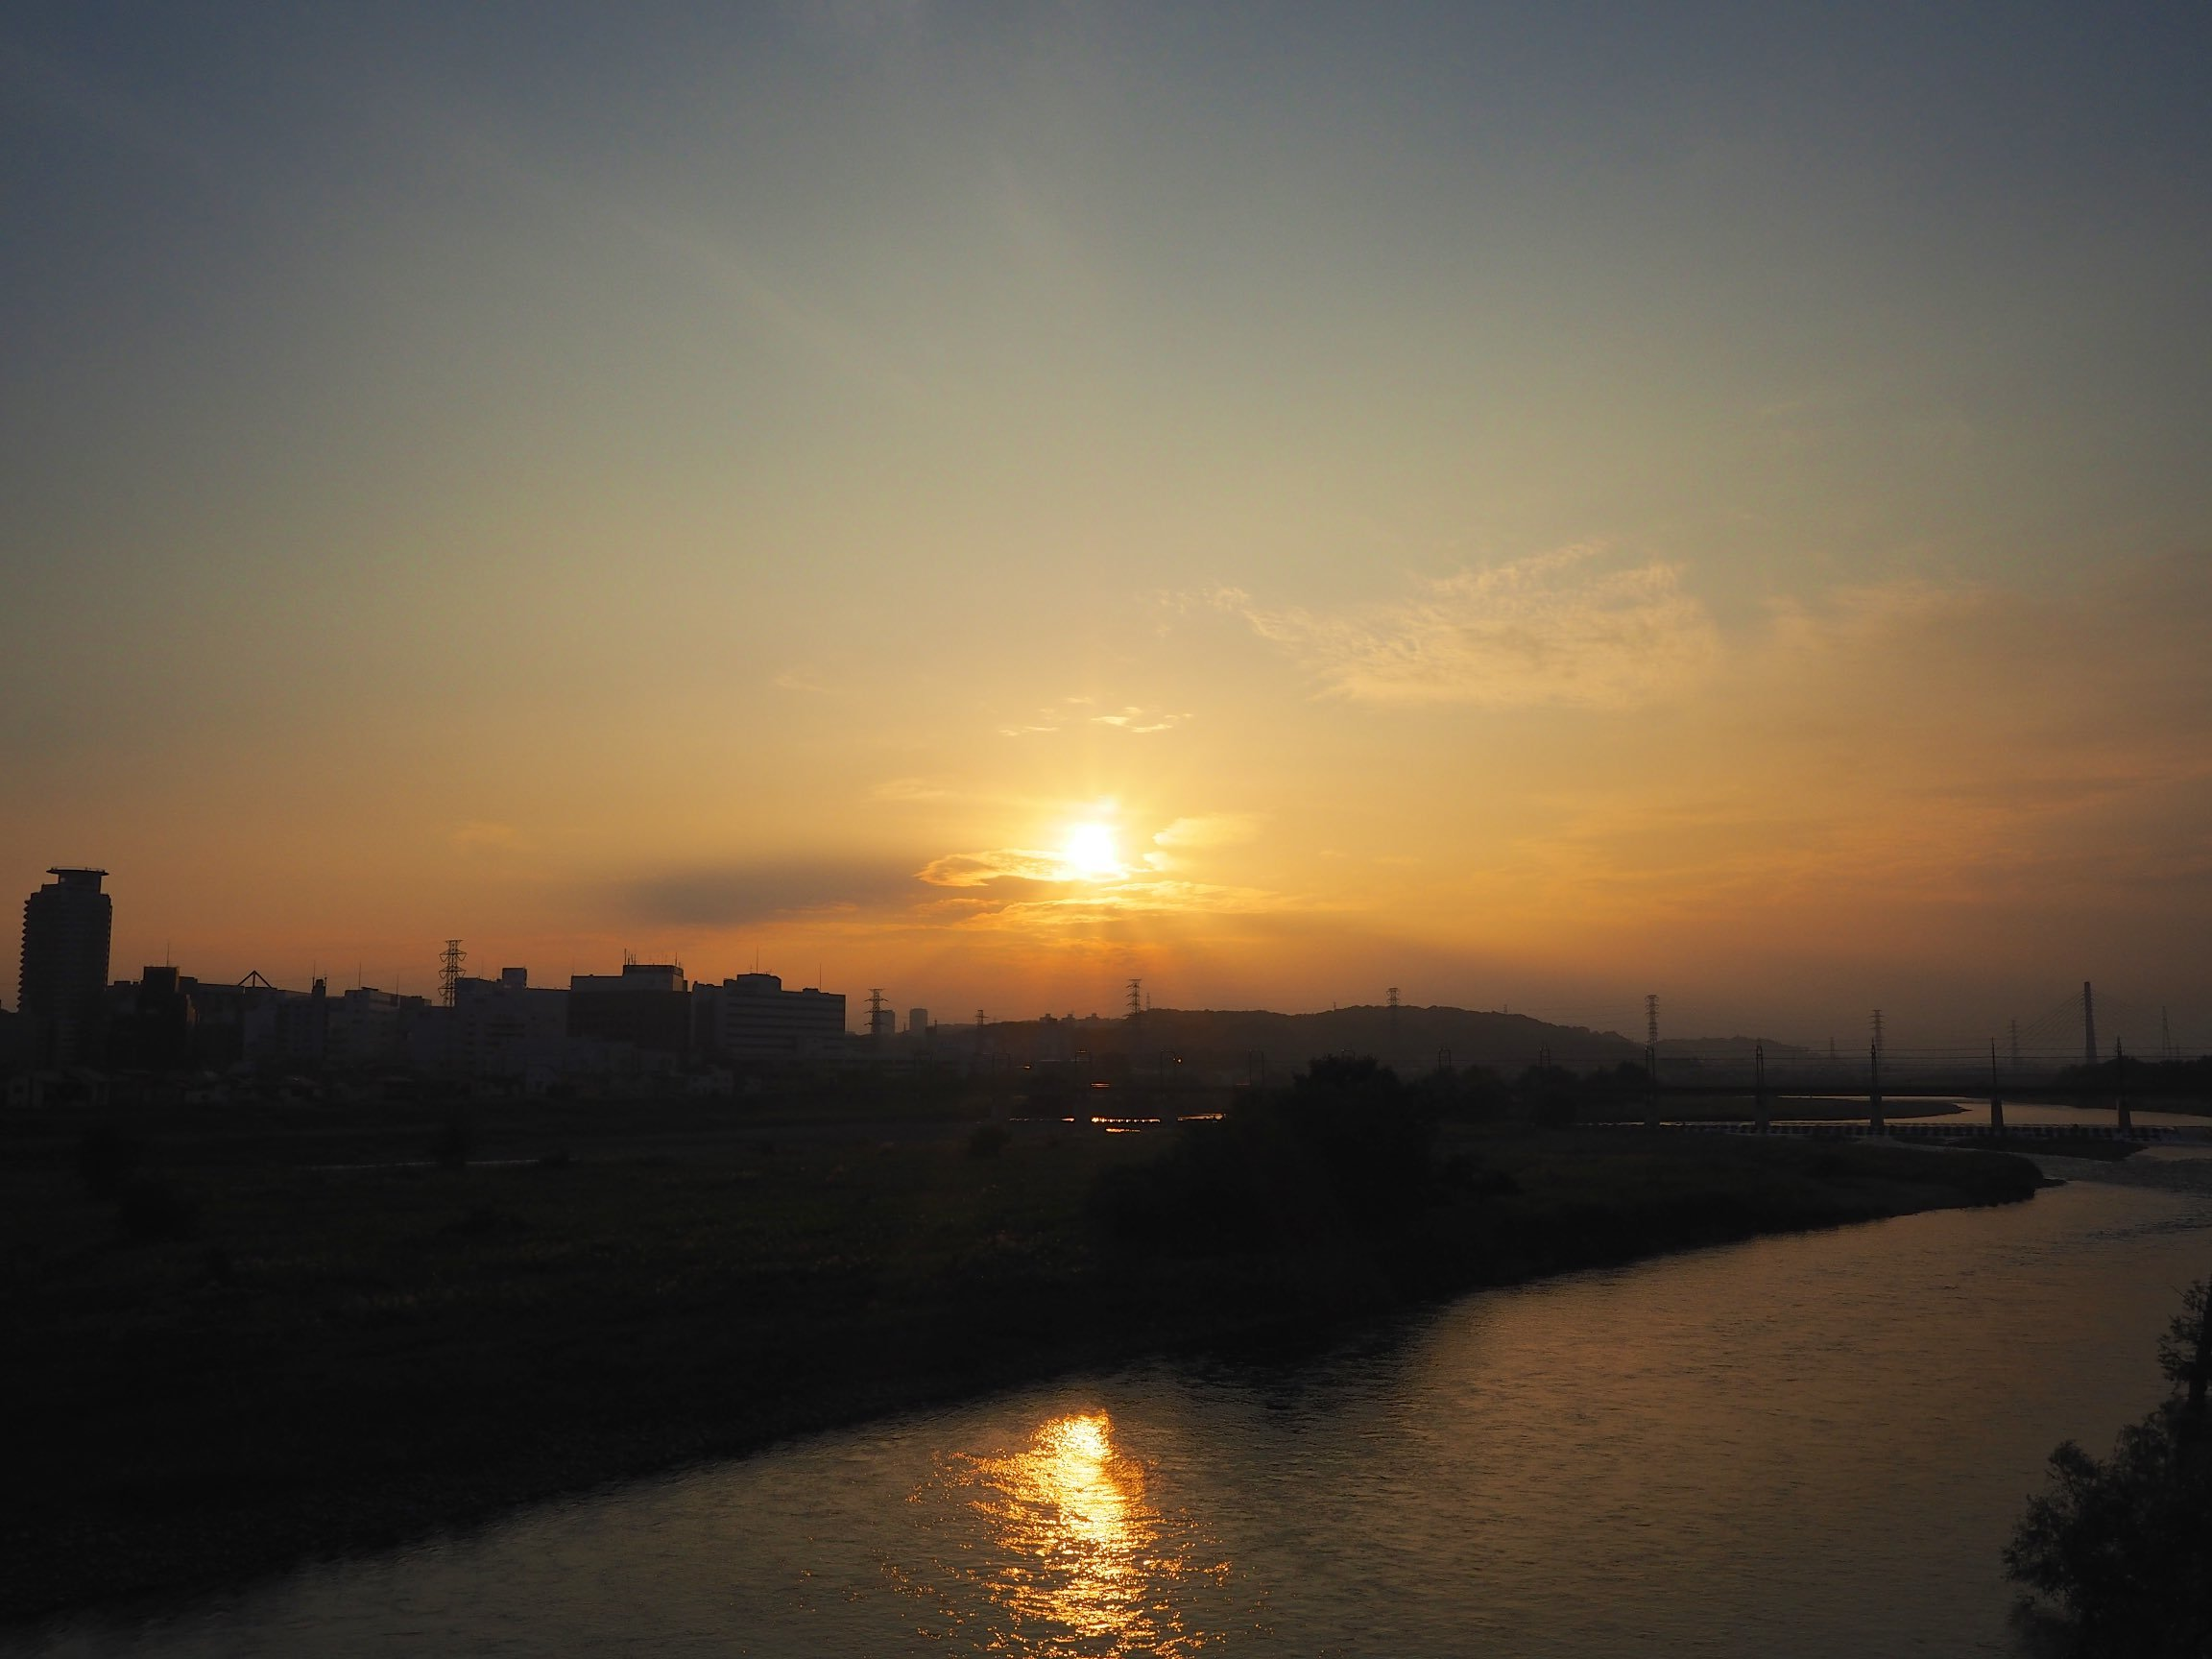 武蔵野 夕景 マイクロフォーサーズ&フルサイズ_b0360240_20194721.jpg